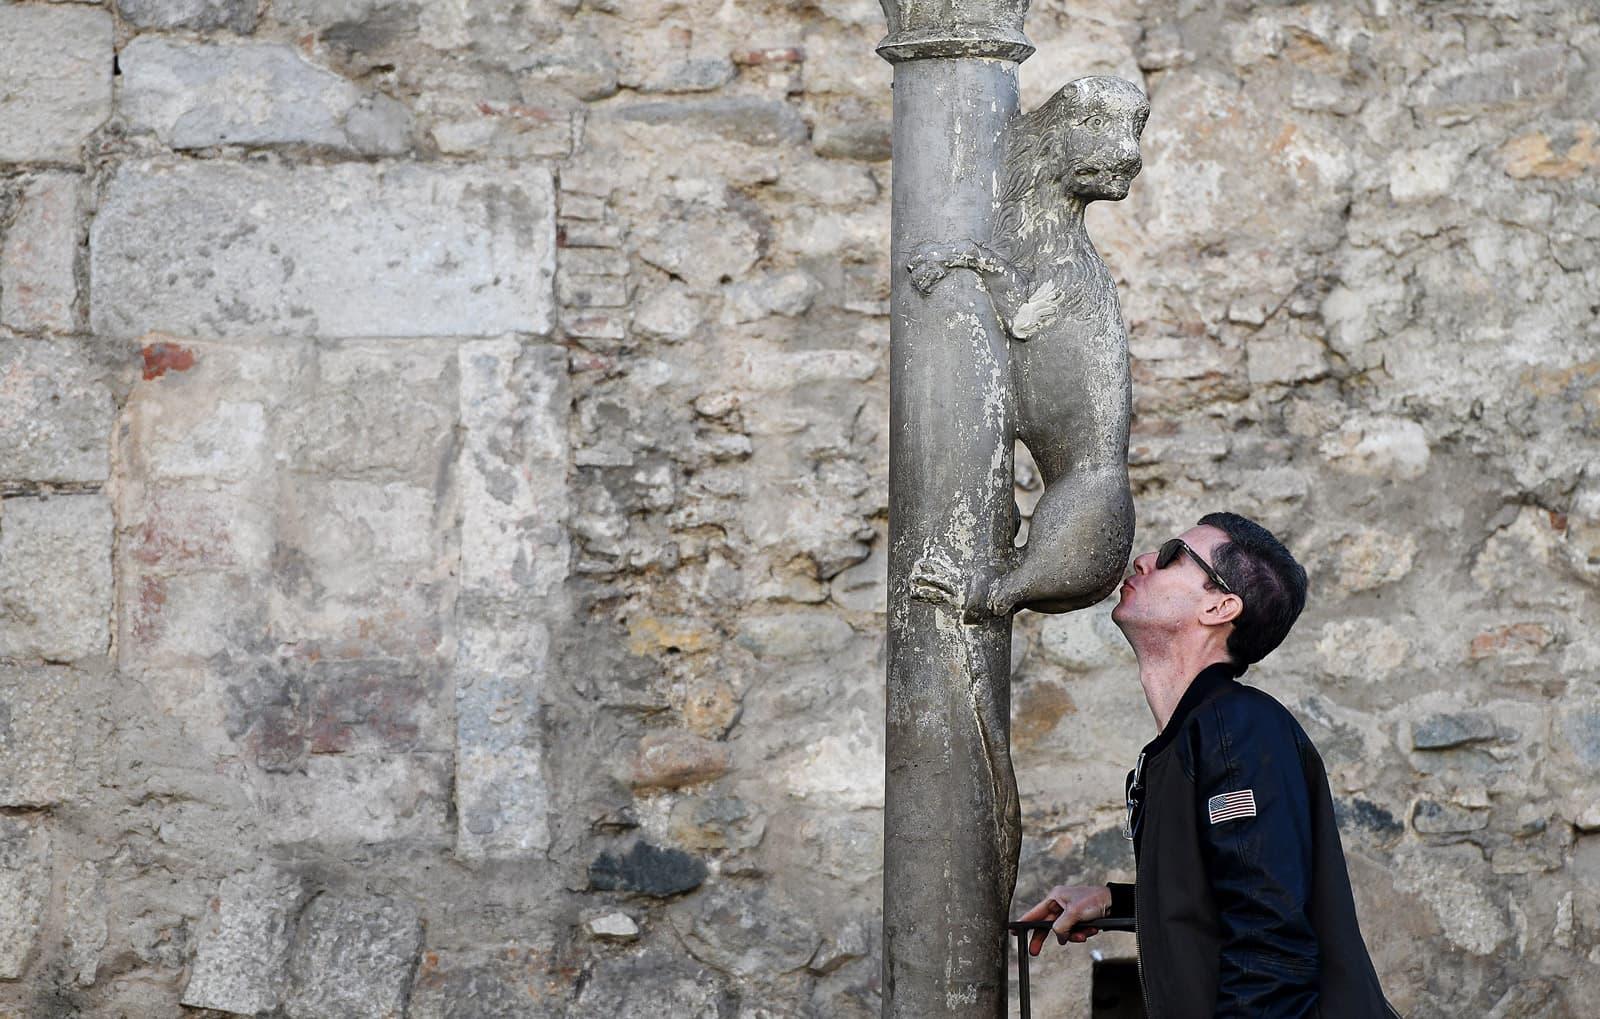 Un turista compleix amb la tradició de fer un petó al cul de la lleona de la plaça de Sant Feliu de Girona. Fotografia de Xavier Jubierre.